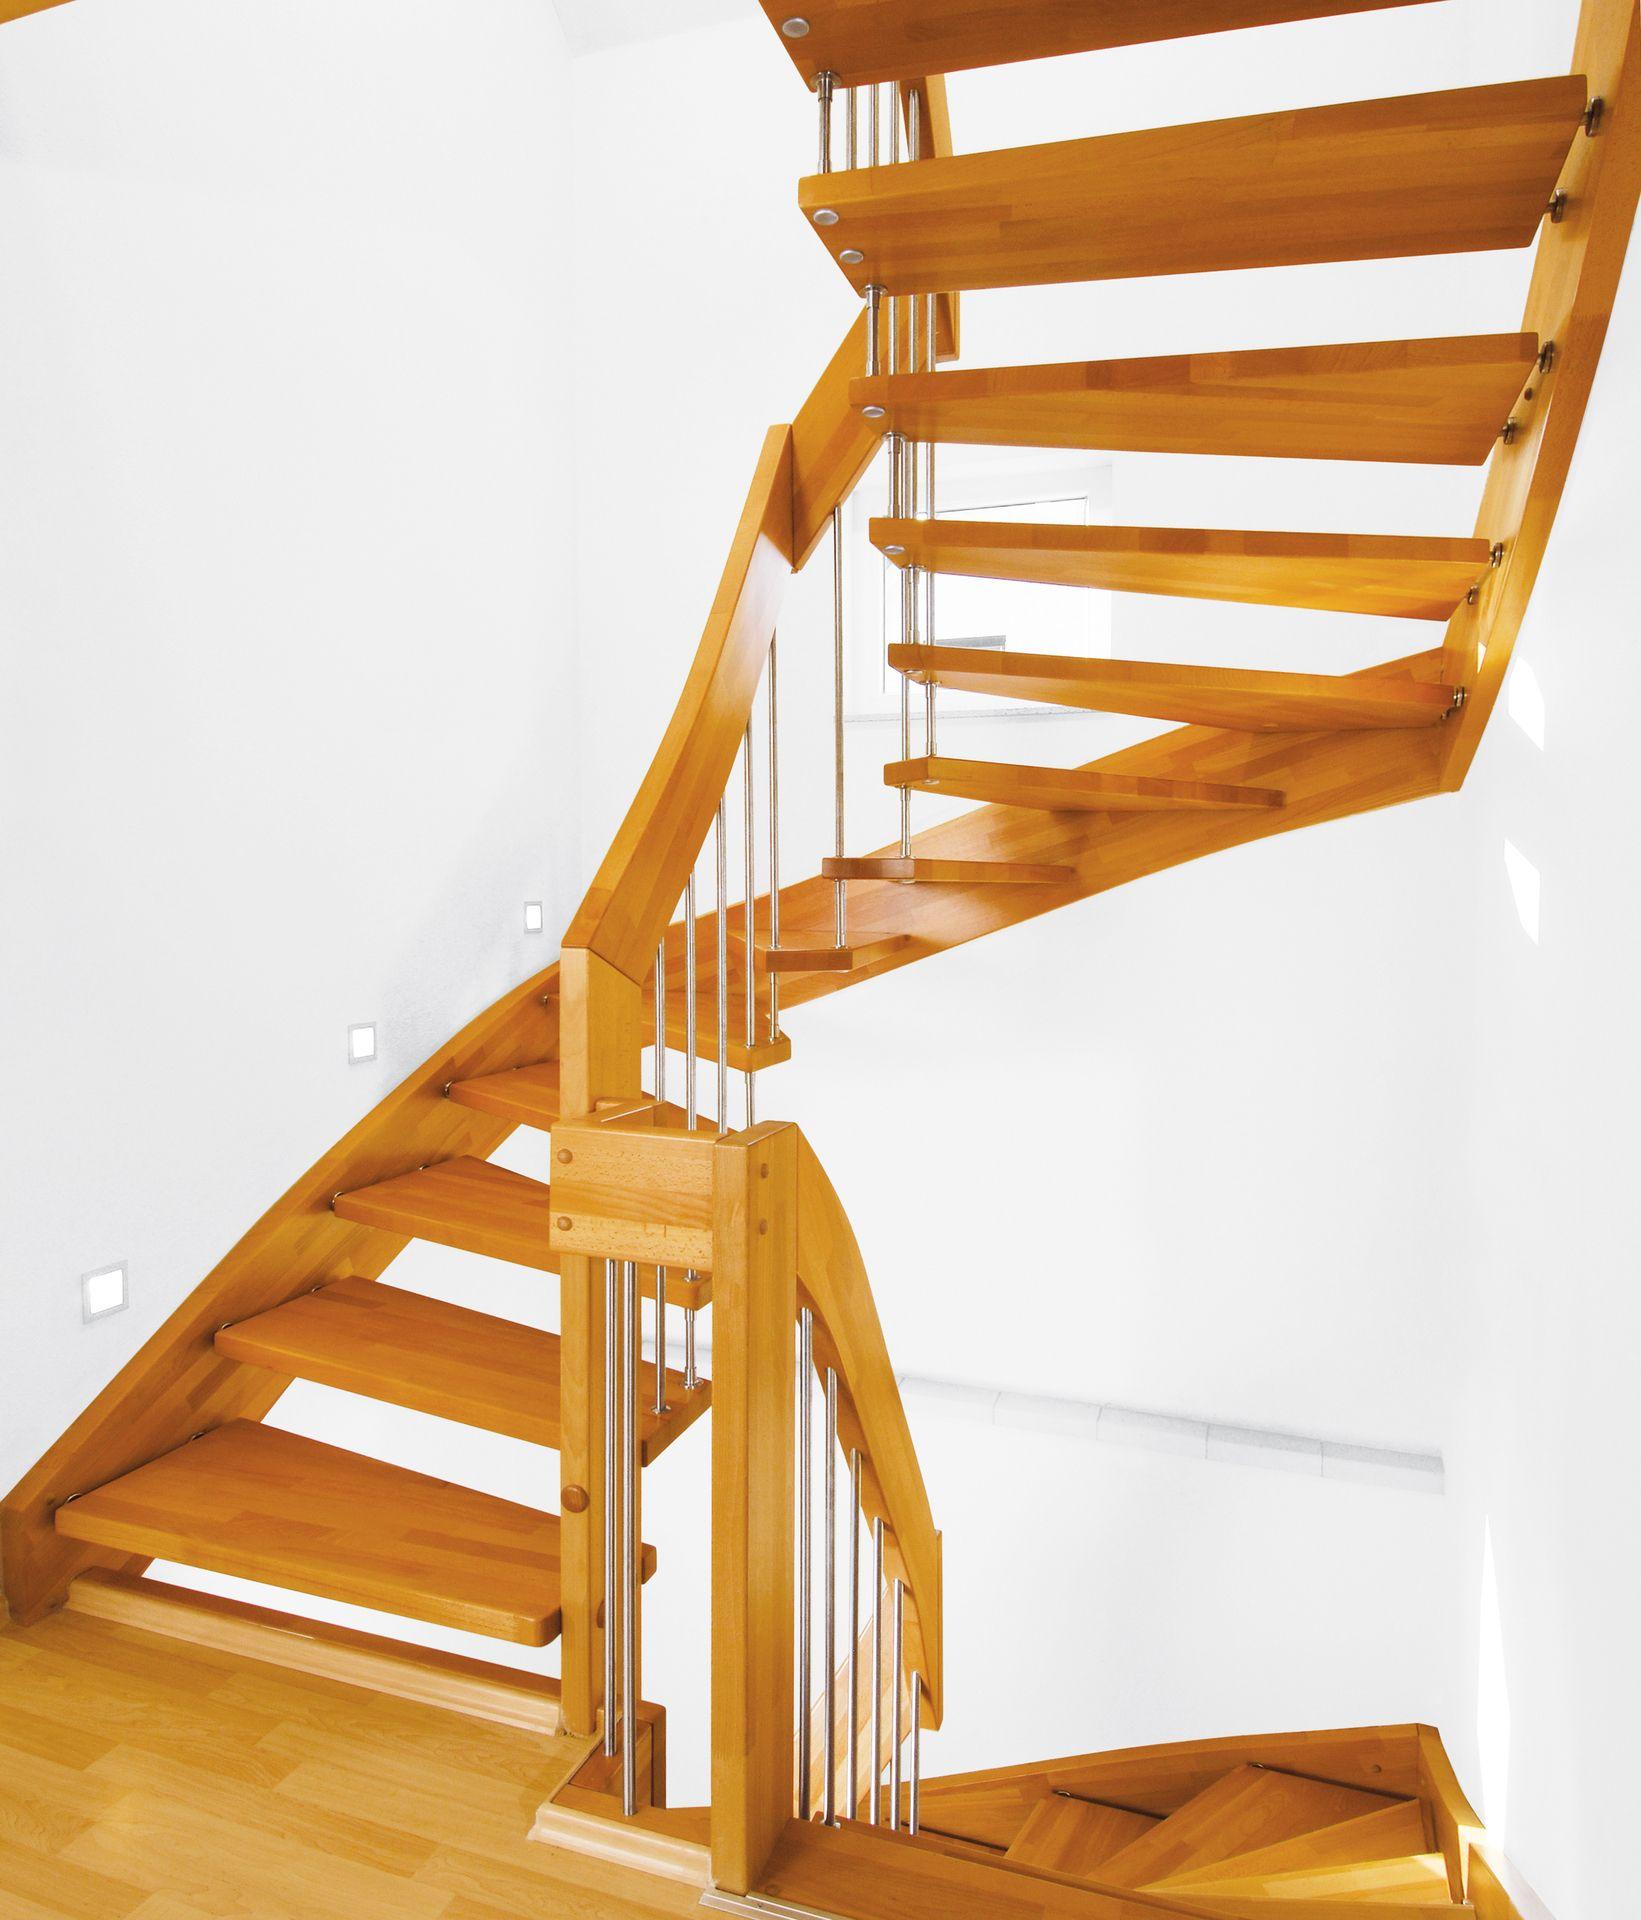 gel ndergetragene treppen ais. Black Bedroom Furniture Sets. Home Design Ideas